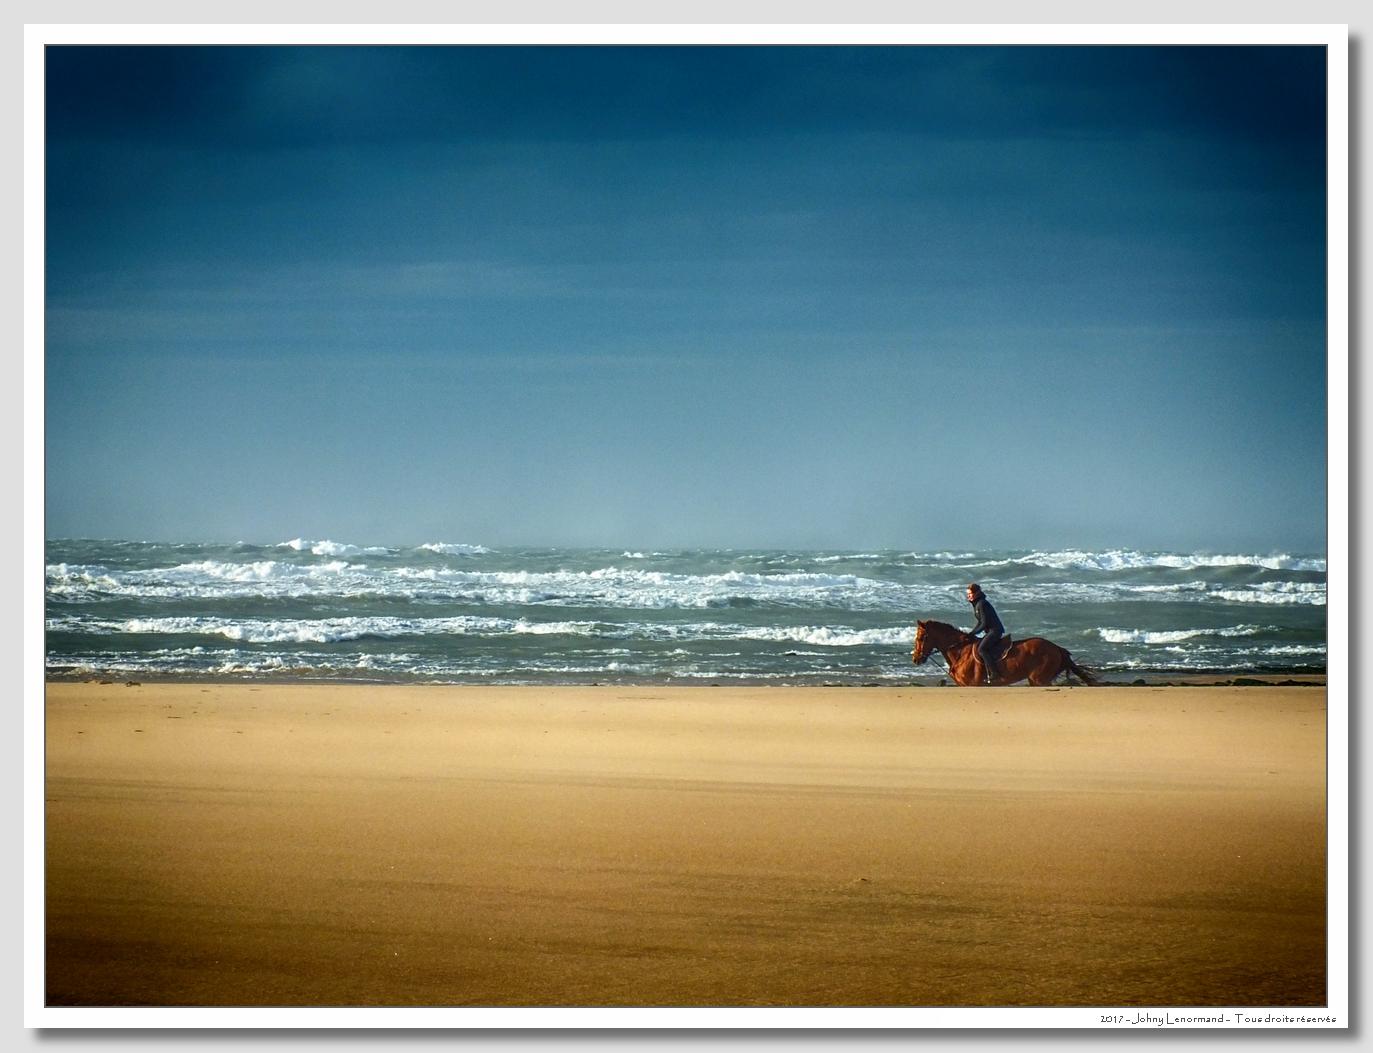 Chevaux sur la plage du Veillon